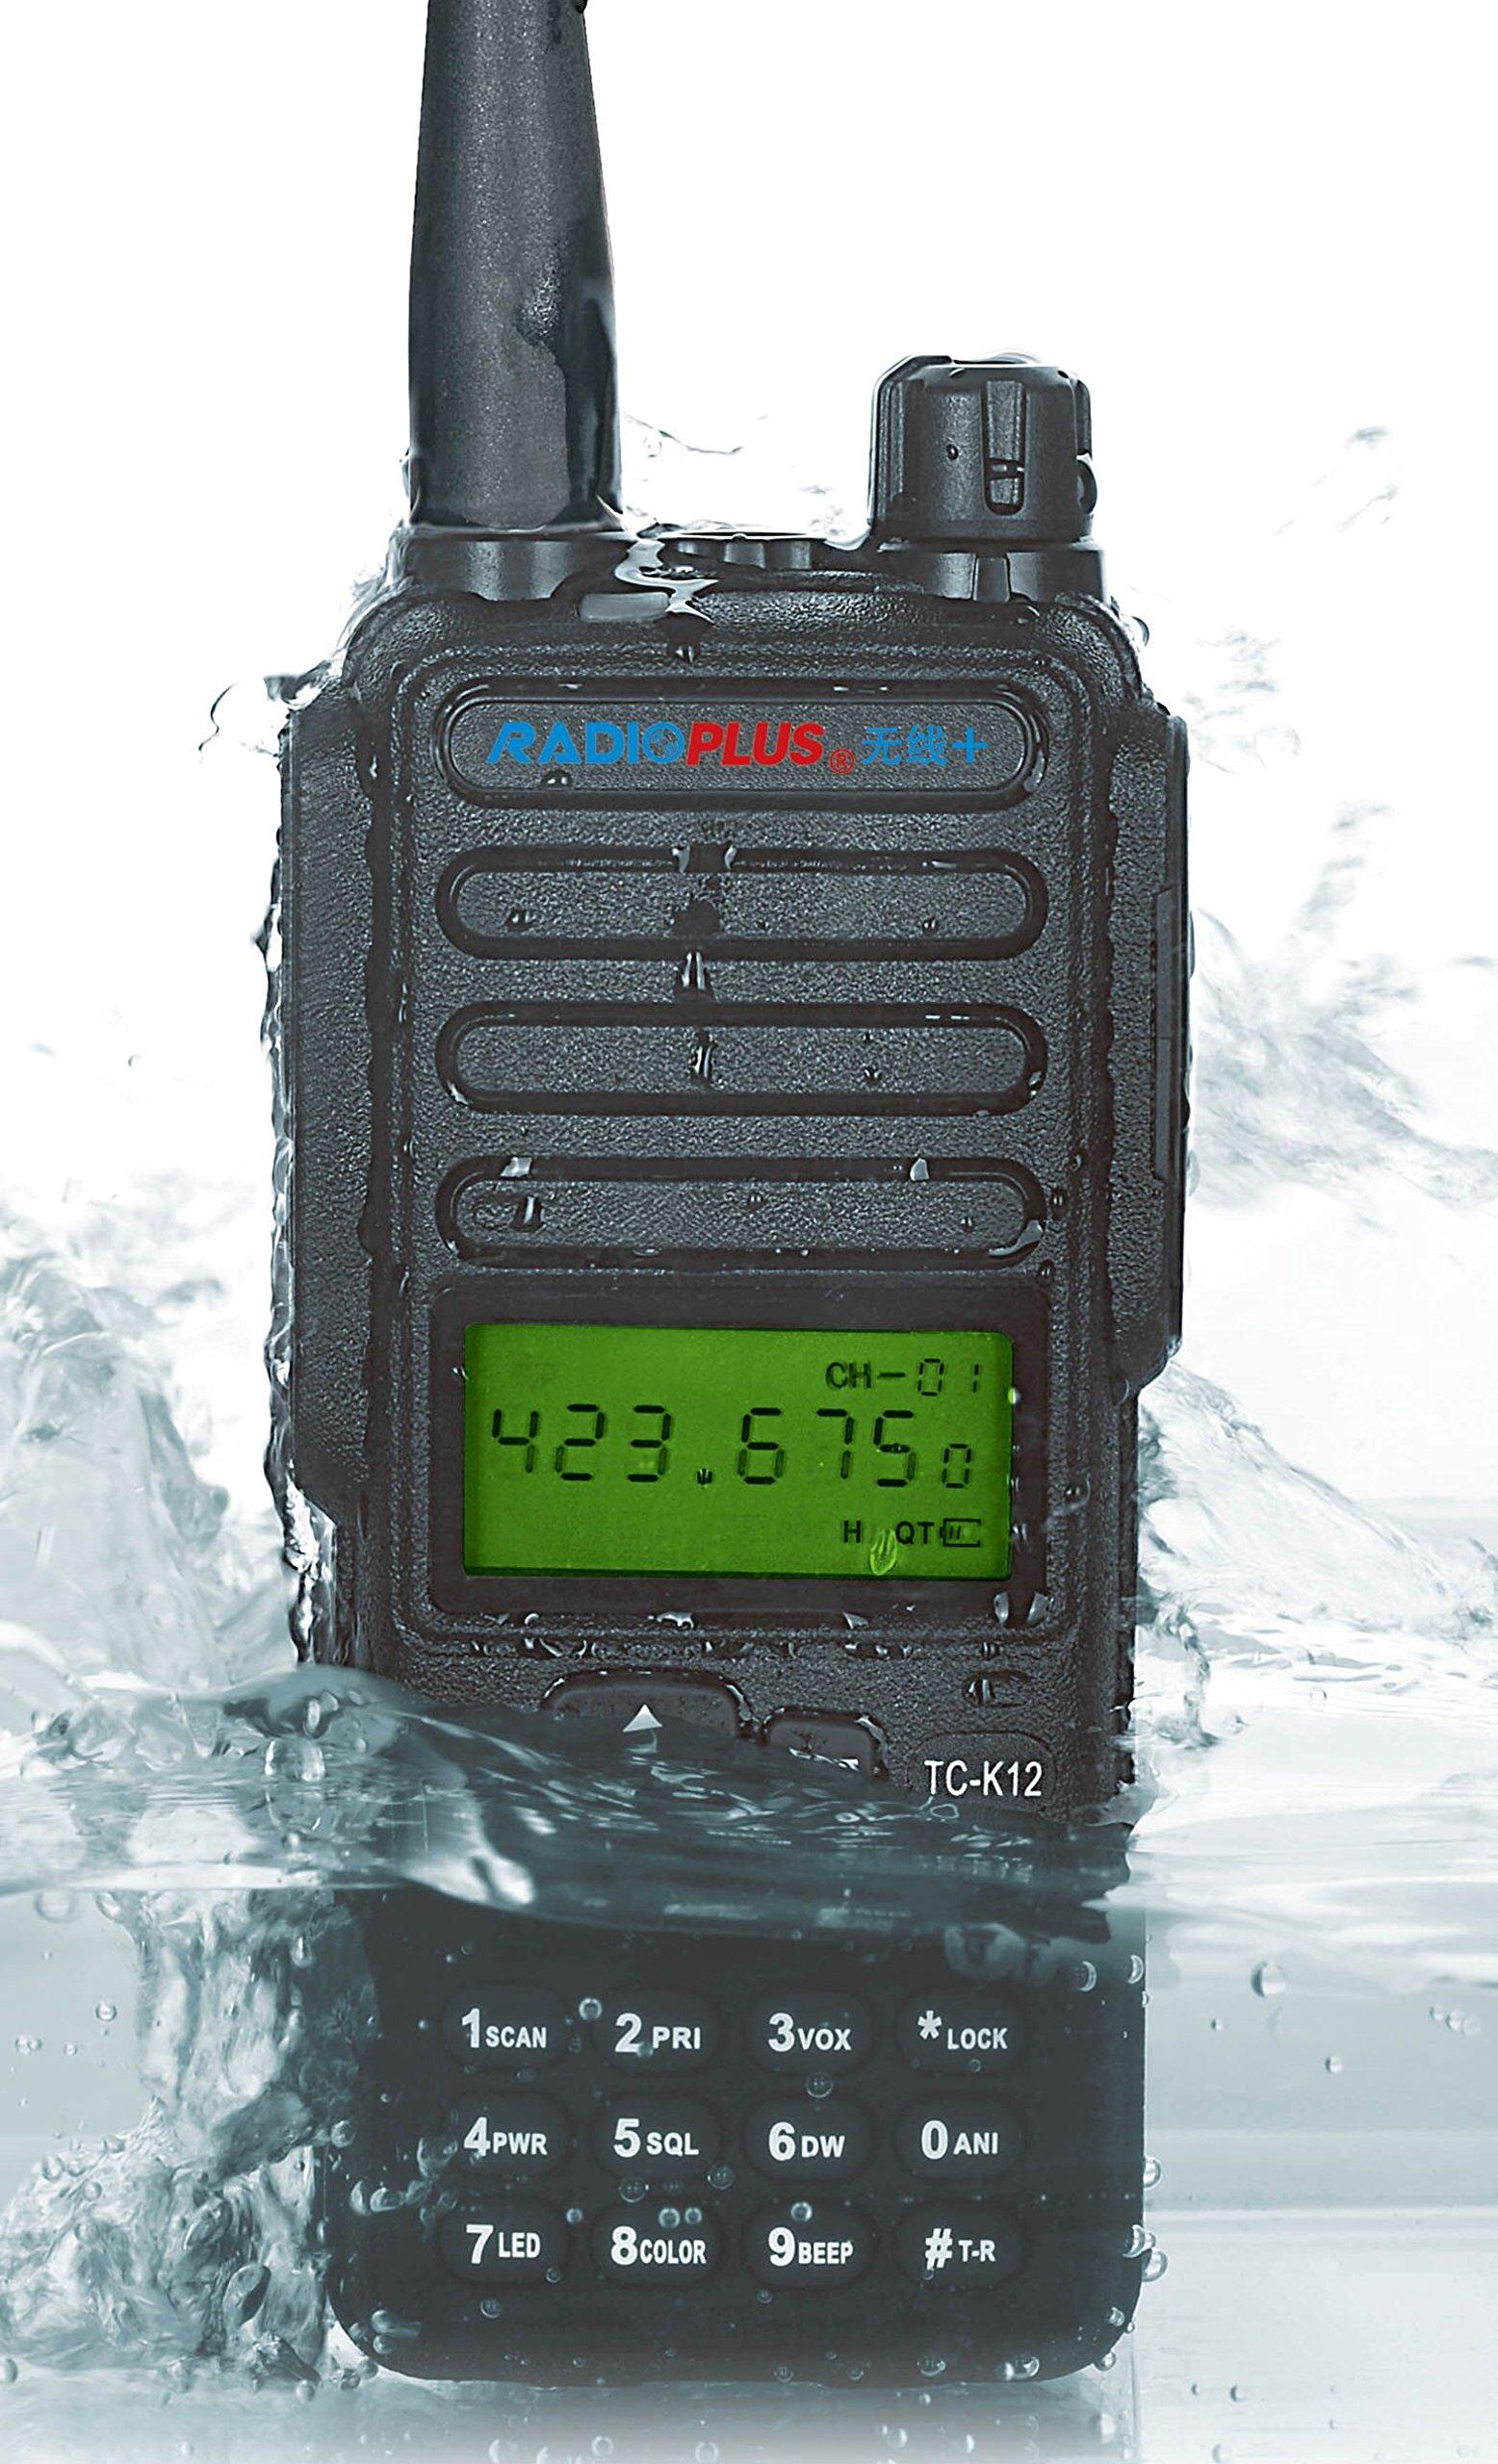 RADIOPLUS TC-K12 136-174MHz VHF Portable Handheld Radio 12W High Power Radio Waterproof with Screen Walkie Talkie + 1pcs Microphone Speaker